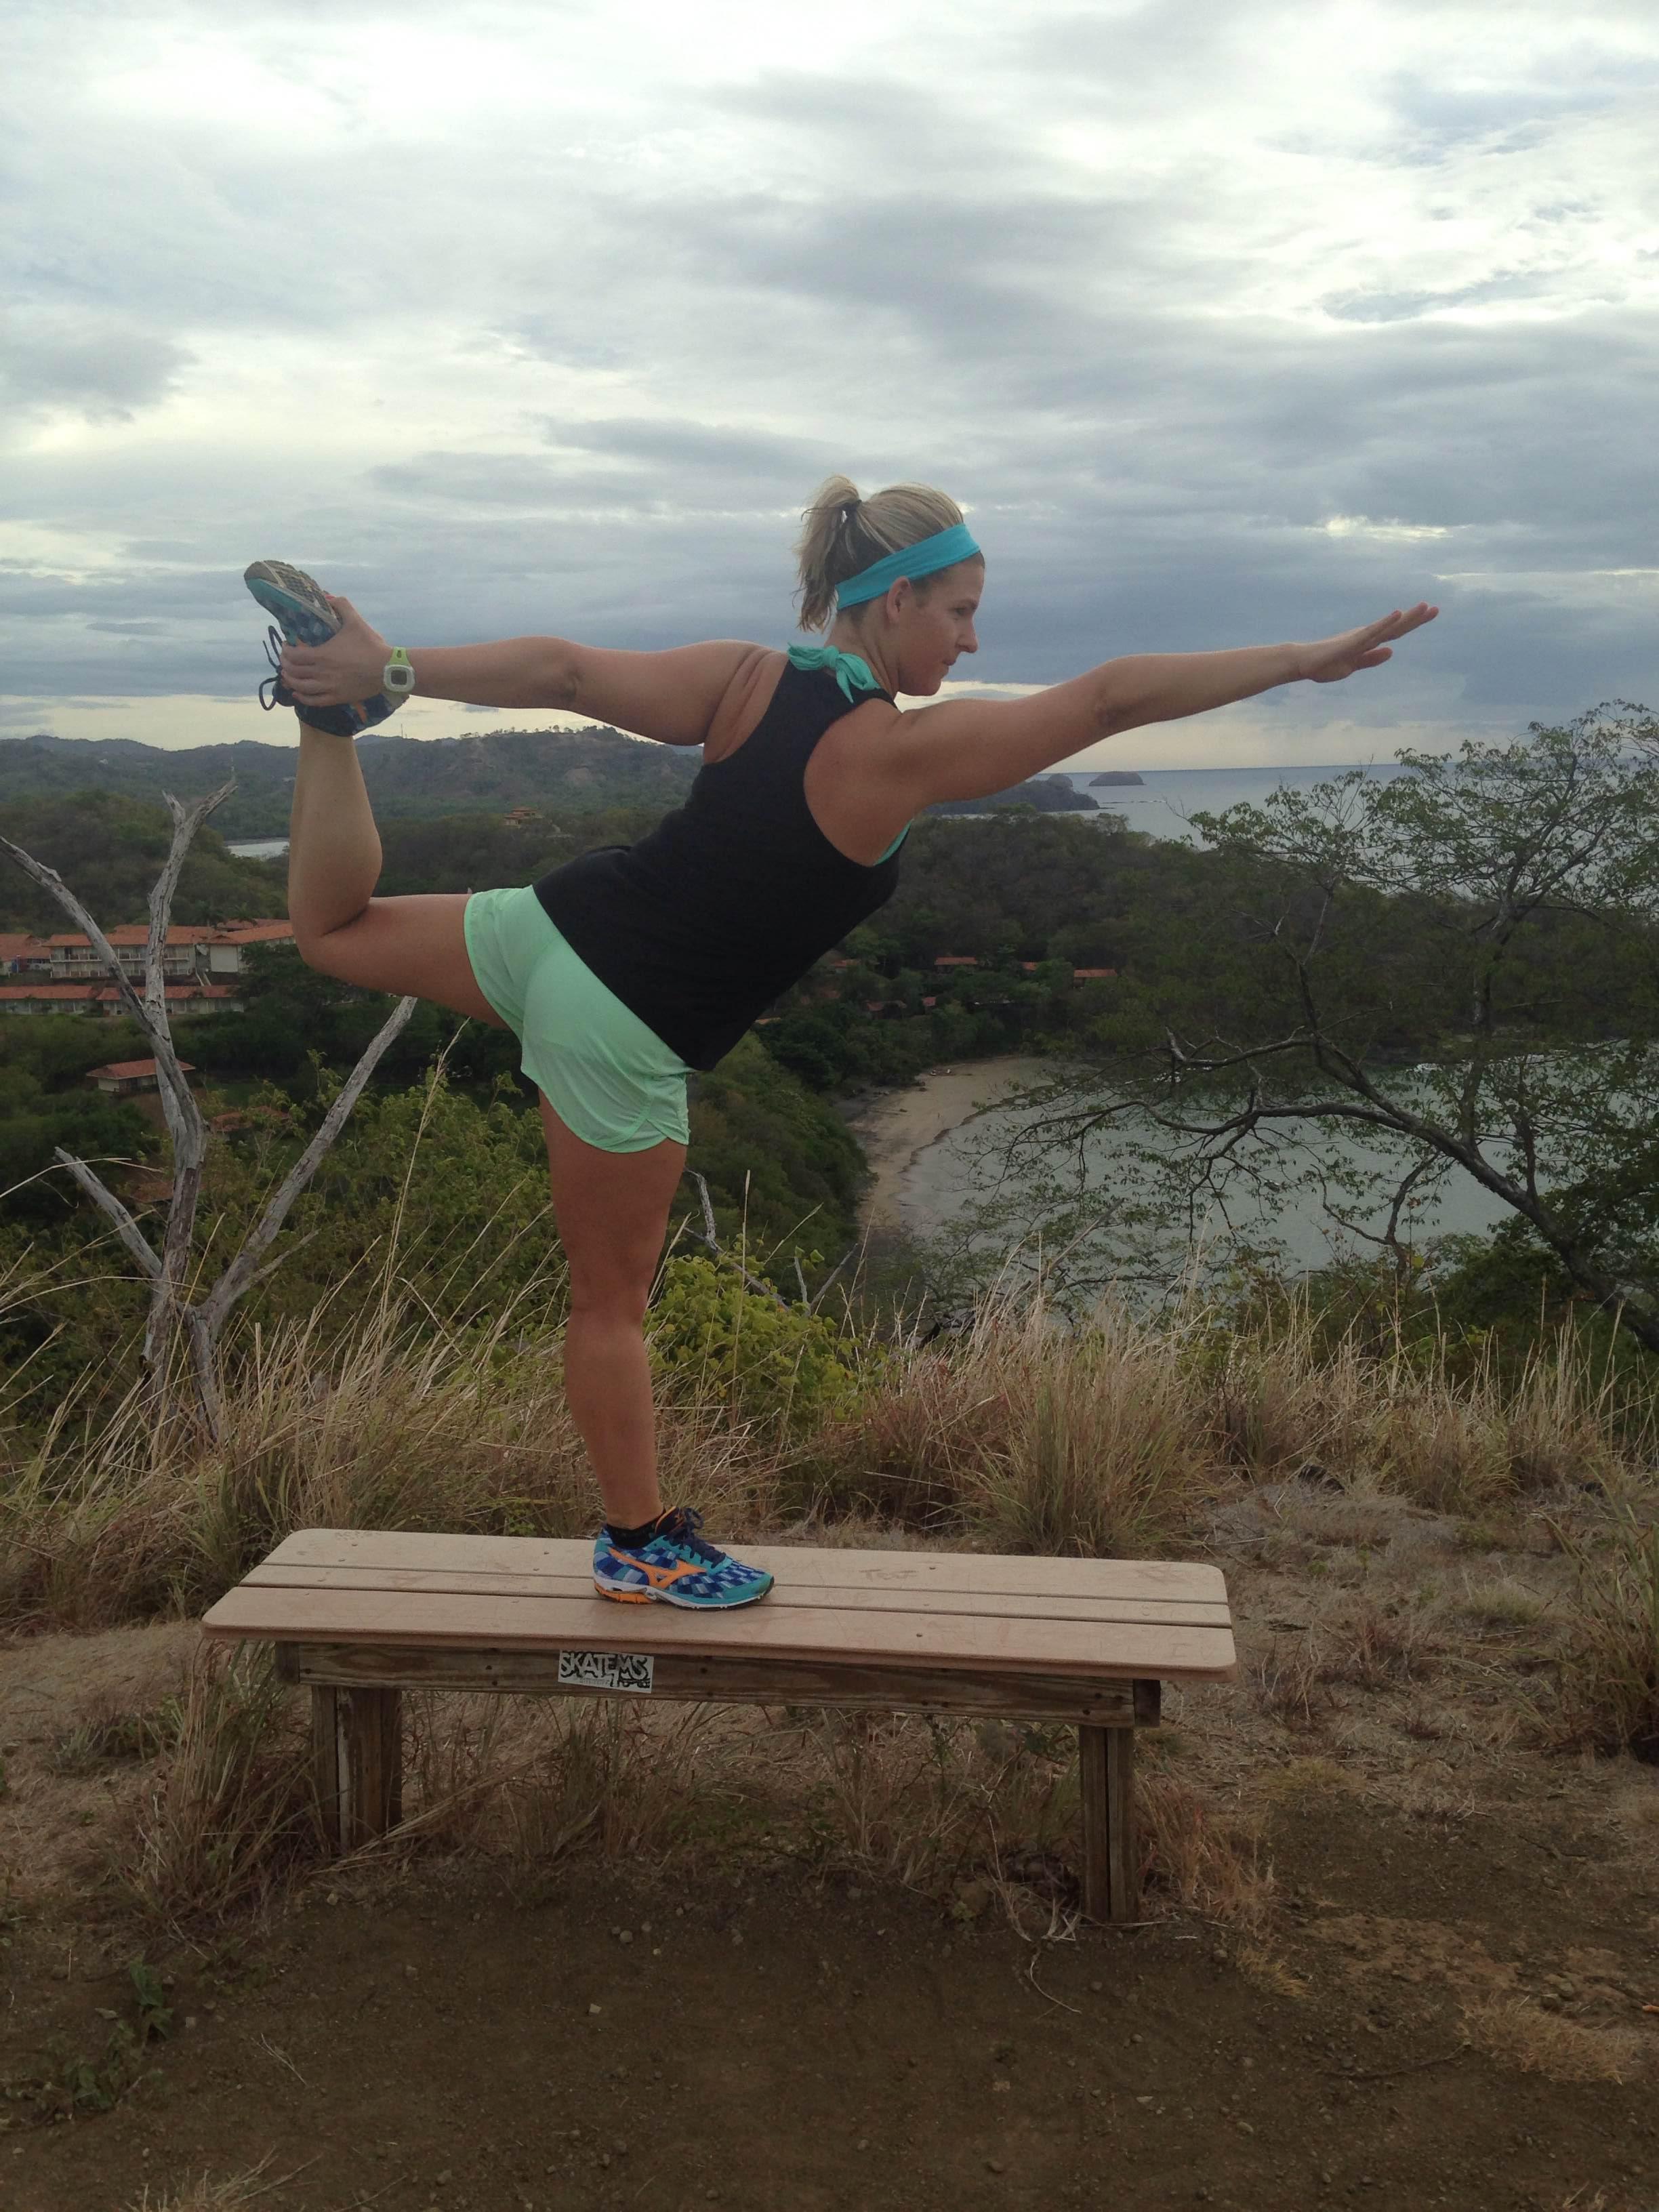 ha my attempt at yoga ;)